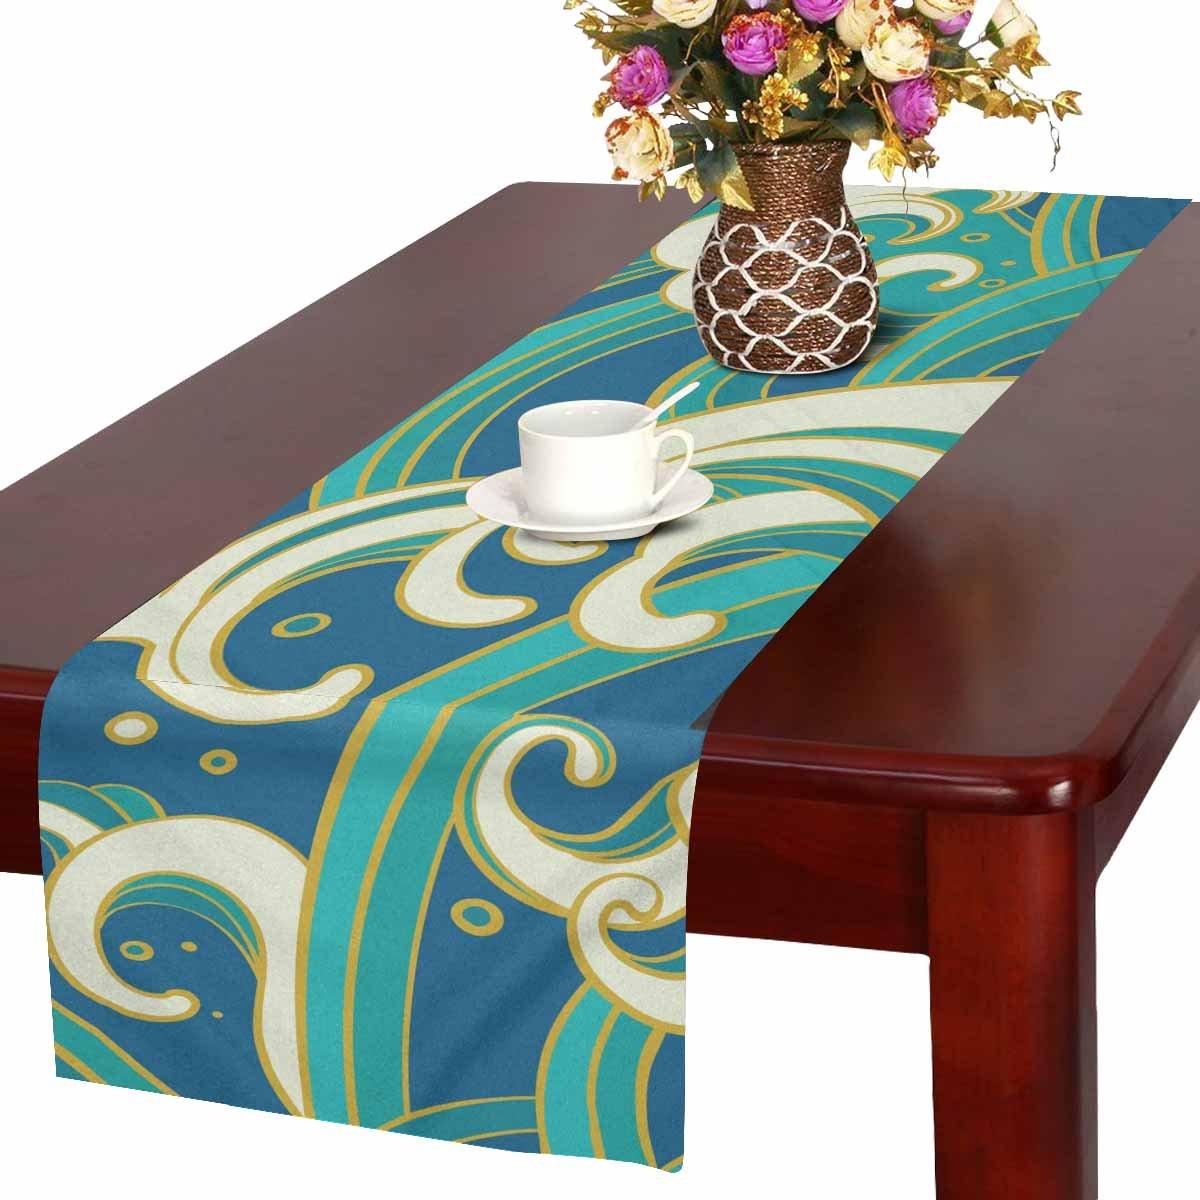 interestprint Ocean Waves長いテーブルランナー16 x 72インチ、自然長方形テーブルランナー、結婚式パーティー装飾キッチン装飾ファームハウス装飾   B07D5BTQVX